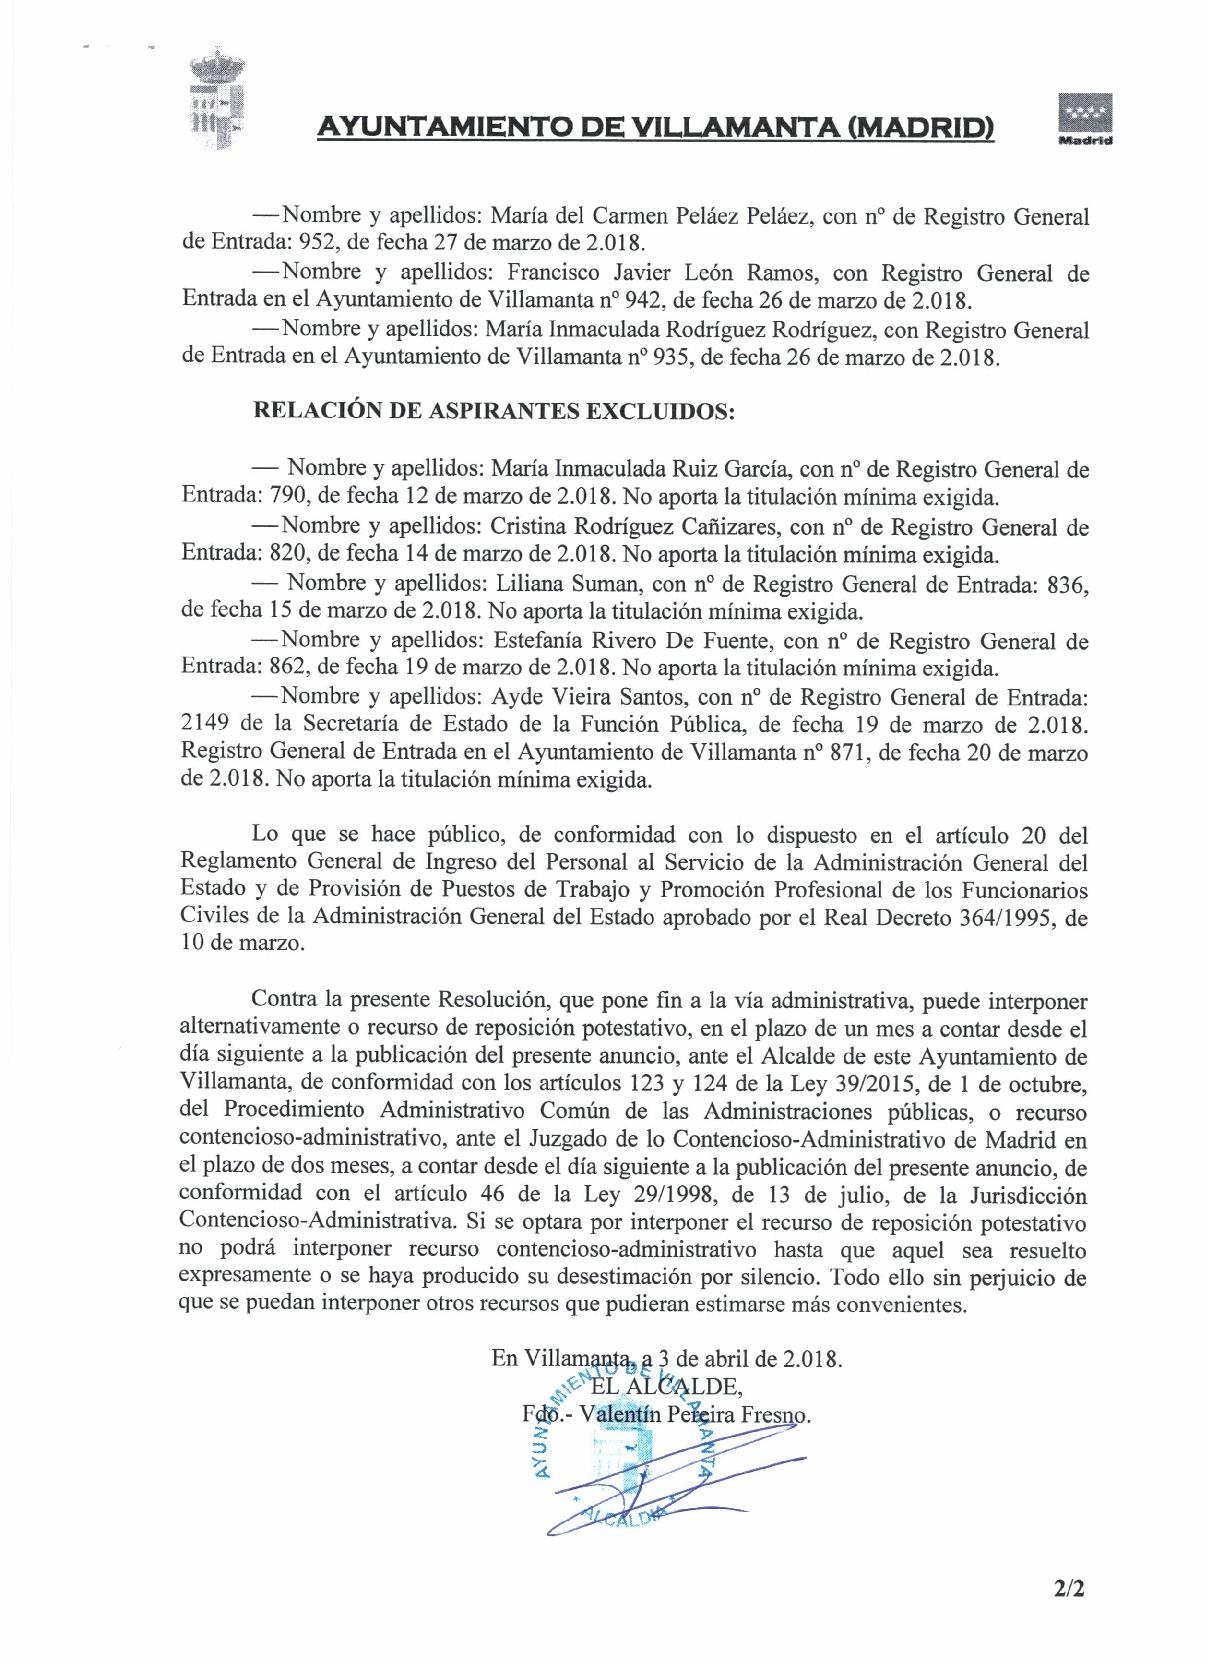 Listado definitivo de admitidos y excluidos 3 de abril de 2018 página 2